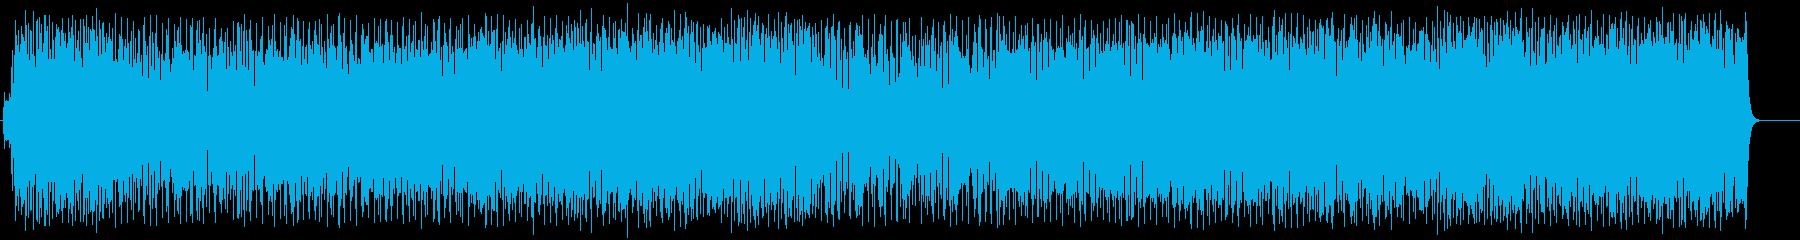 晴れやかな気分にするイージーリスニングの再生済みの波形